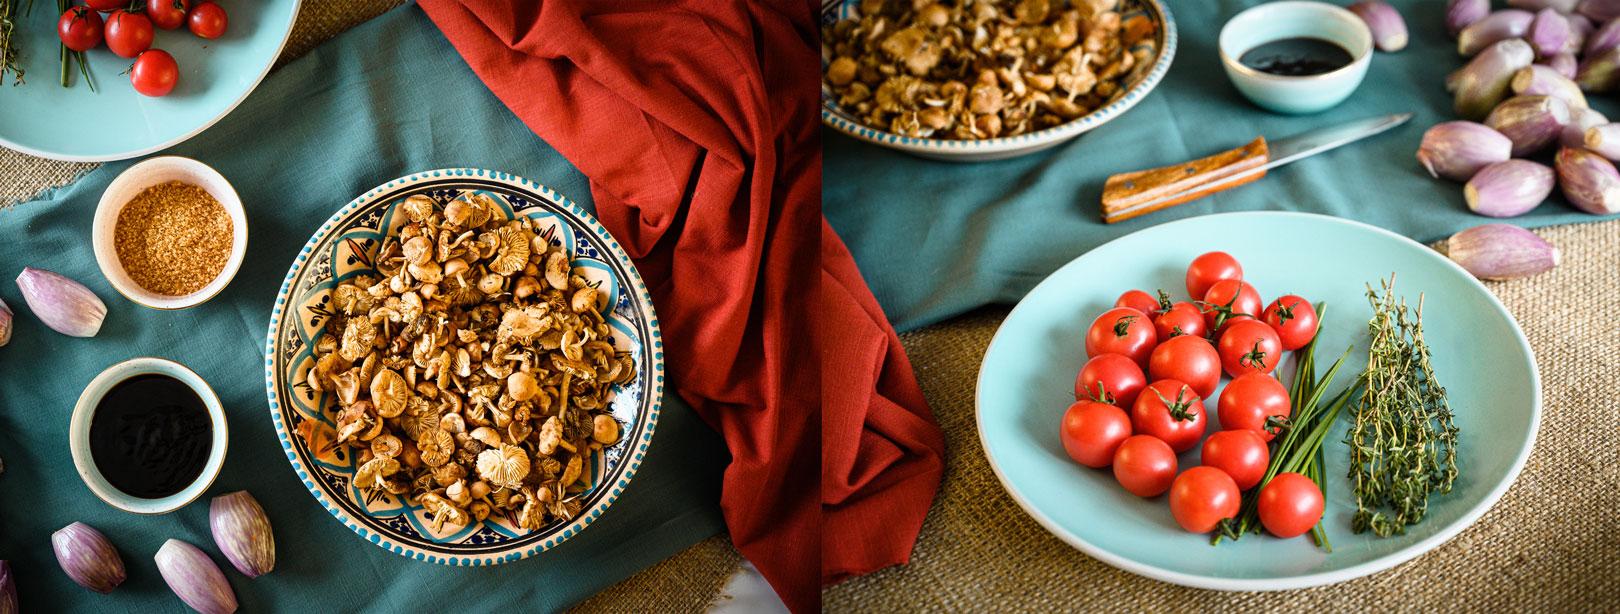 Карамелизиран шалот с гъба челядинка и чери домати